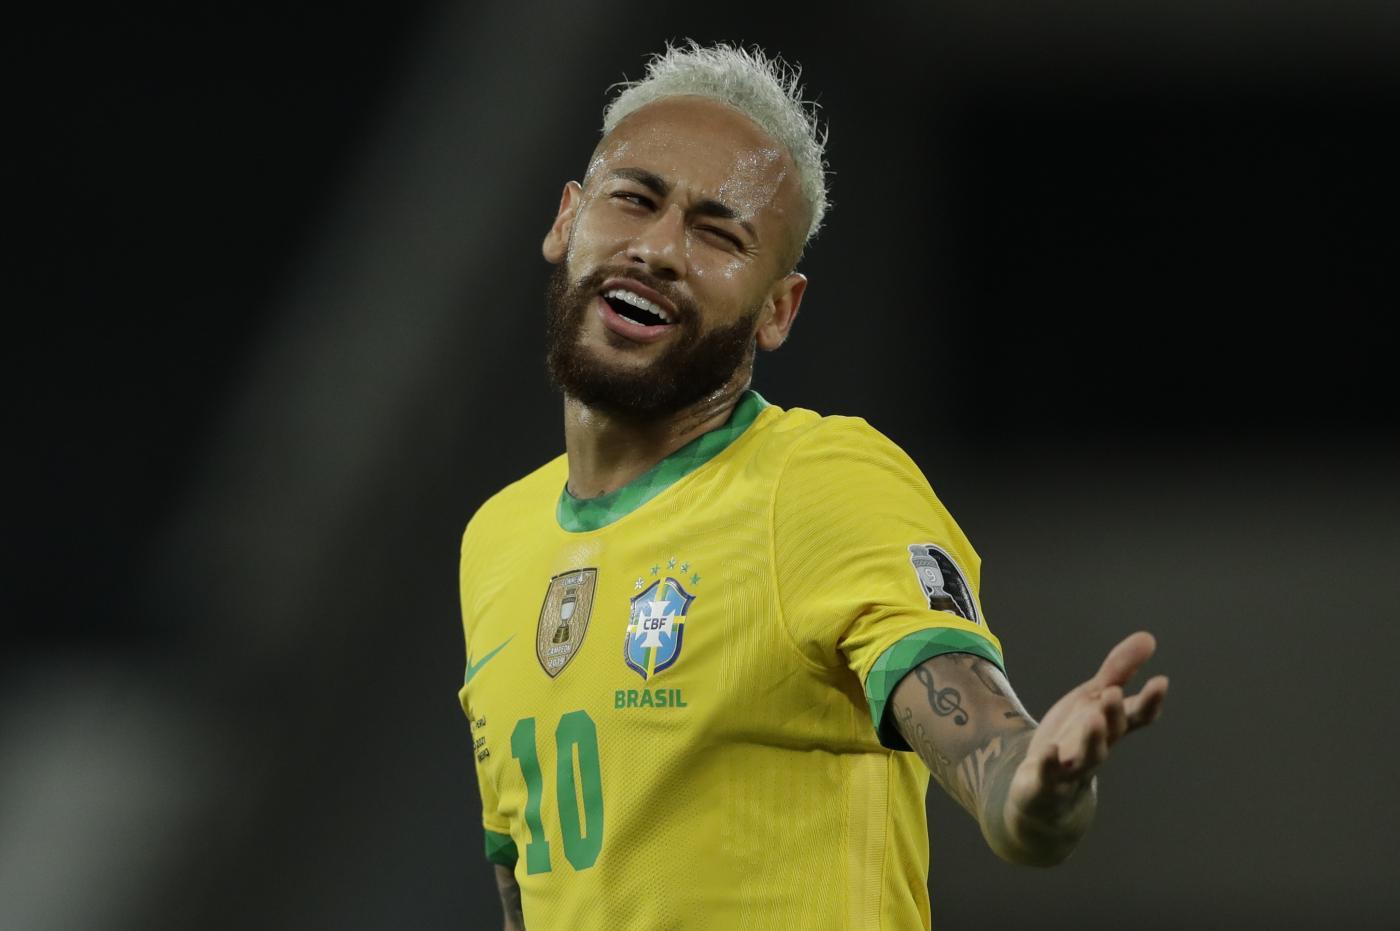 pronostico-argentina-brasile-copa-america-probabili-formazioni-quote-finale